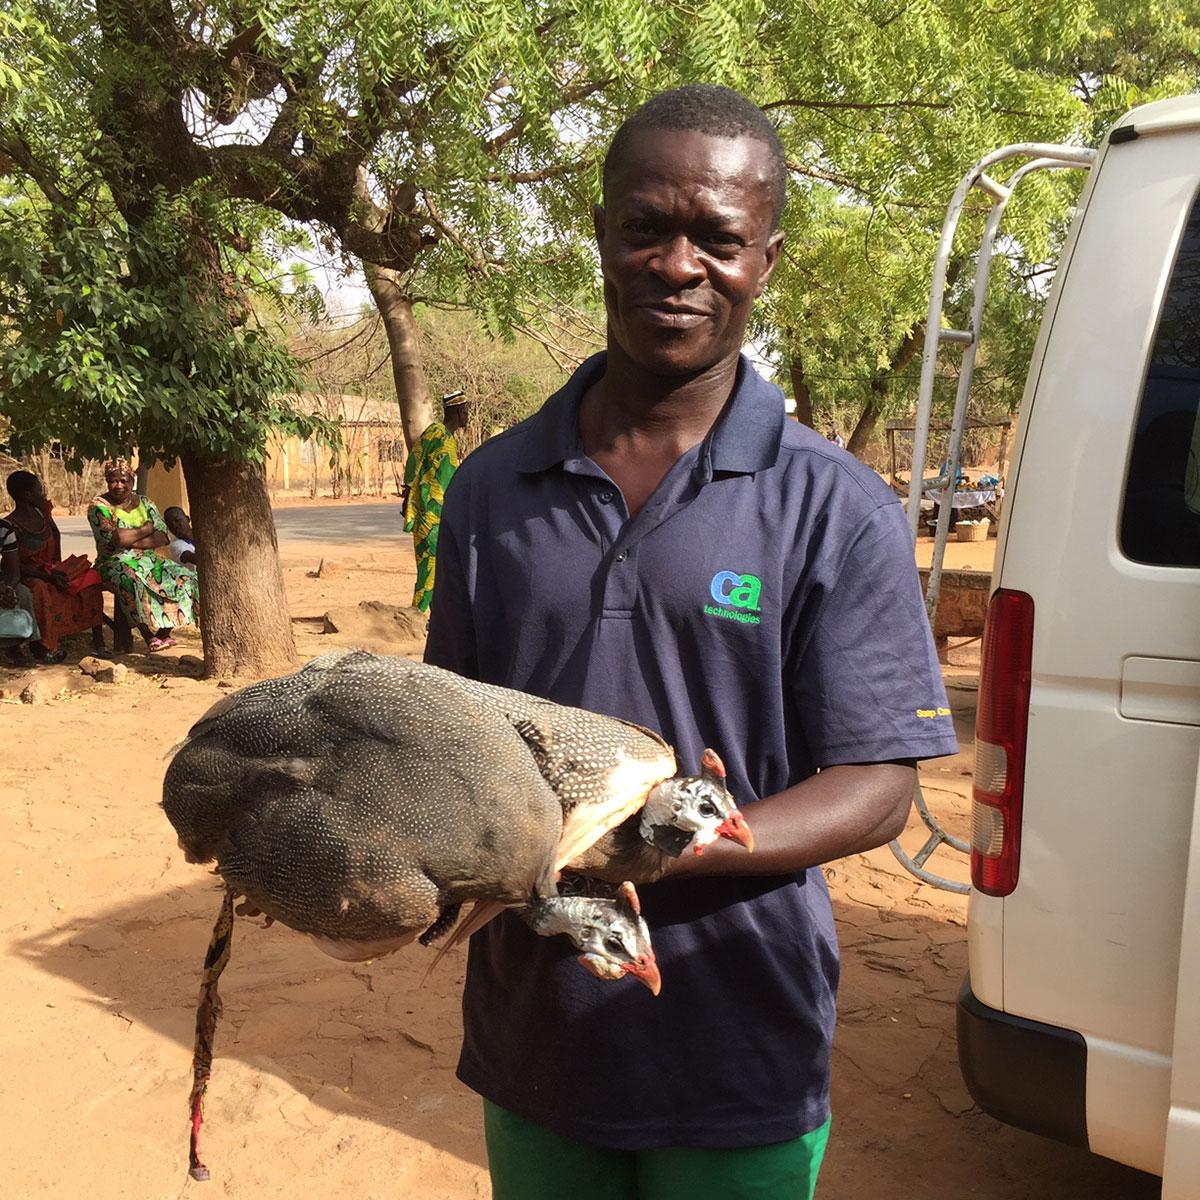 Zwei seiner wertvollen Perlhühner schenkt uns der Familienvater.